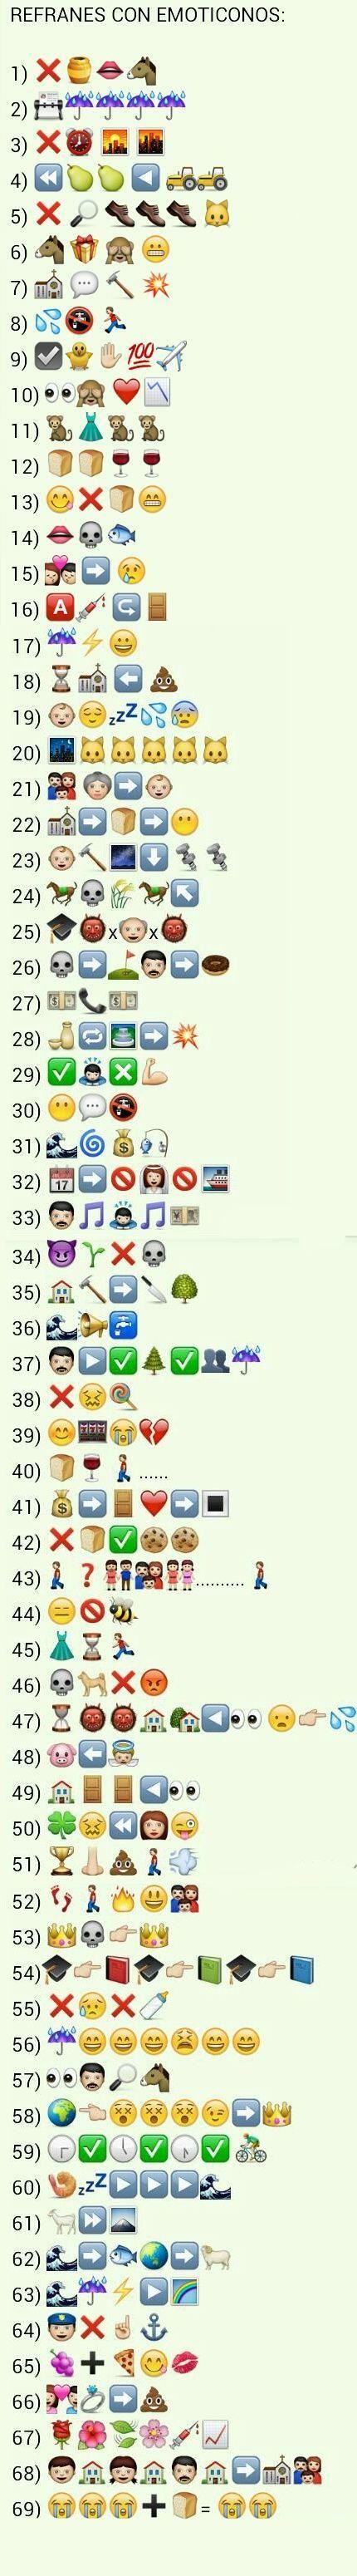 Un listado de refranes con emoticonos para jugar con ellos en clase #TwitterELE #SpanishTeachers